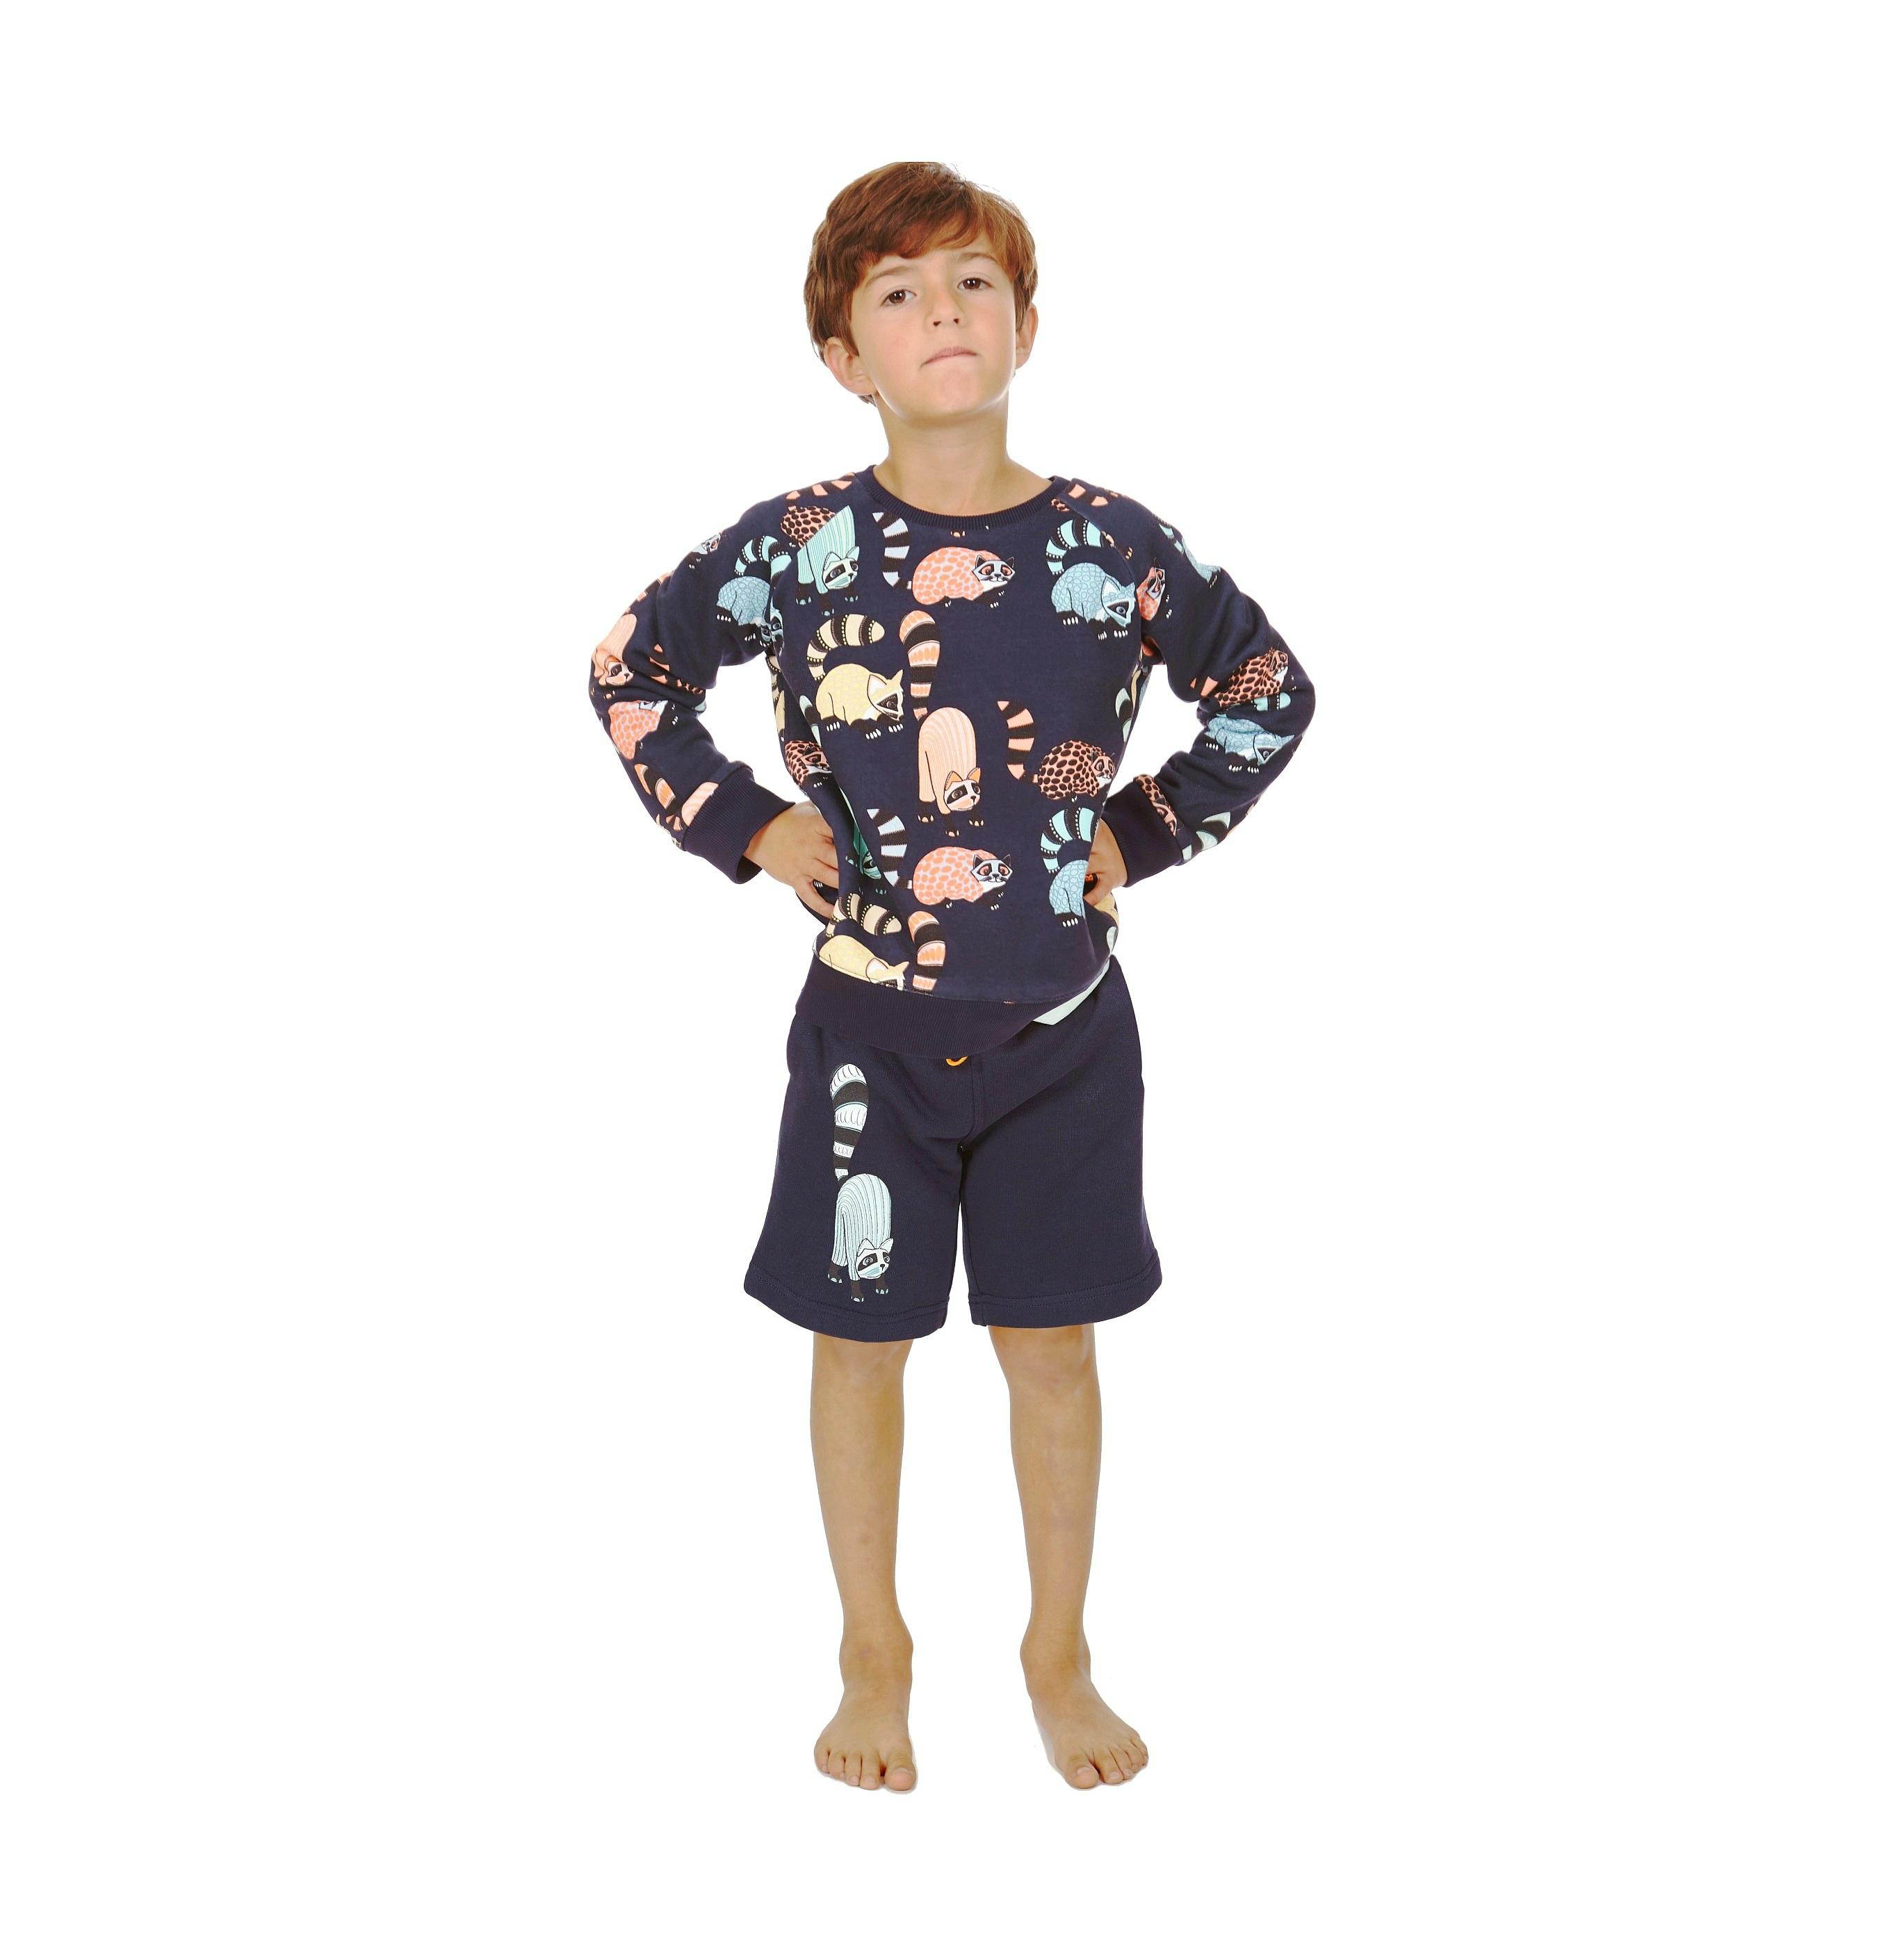 Reverisble Sweatshirt Oaxacan AOP + Shorts Oaxacan